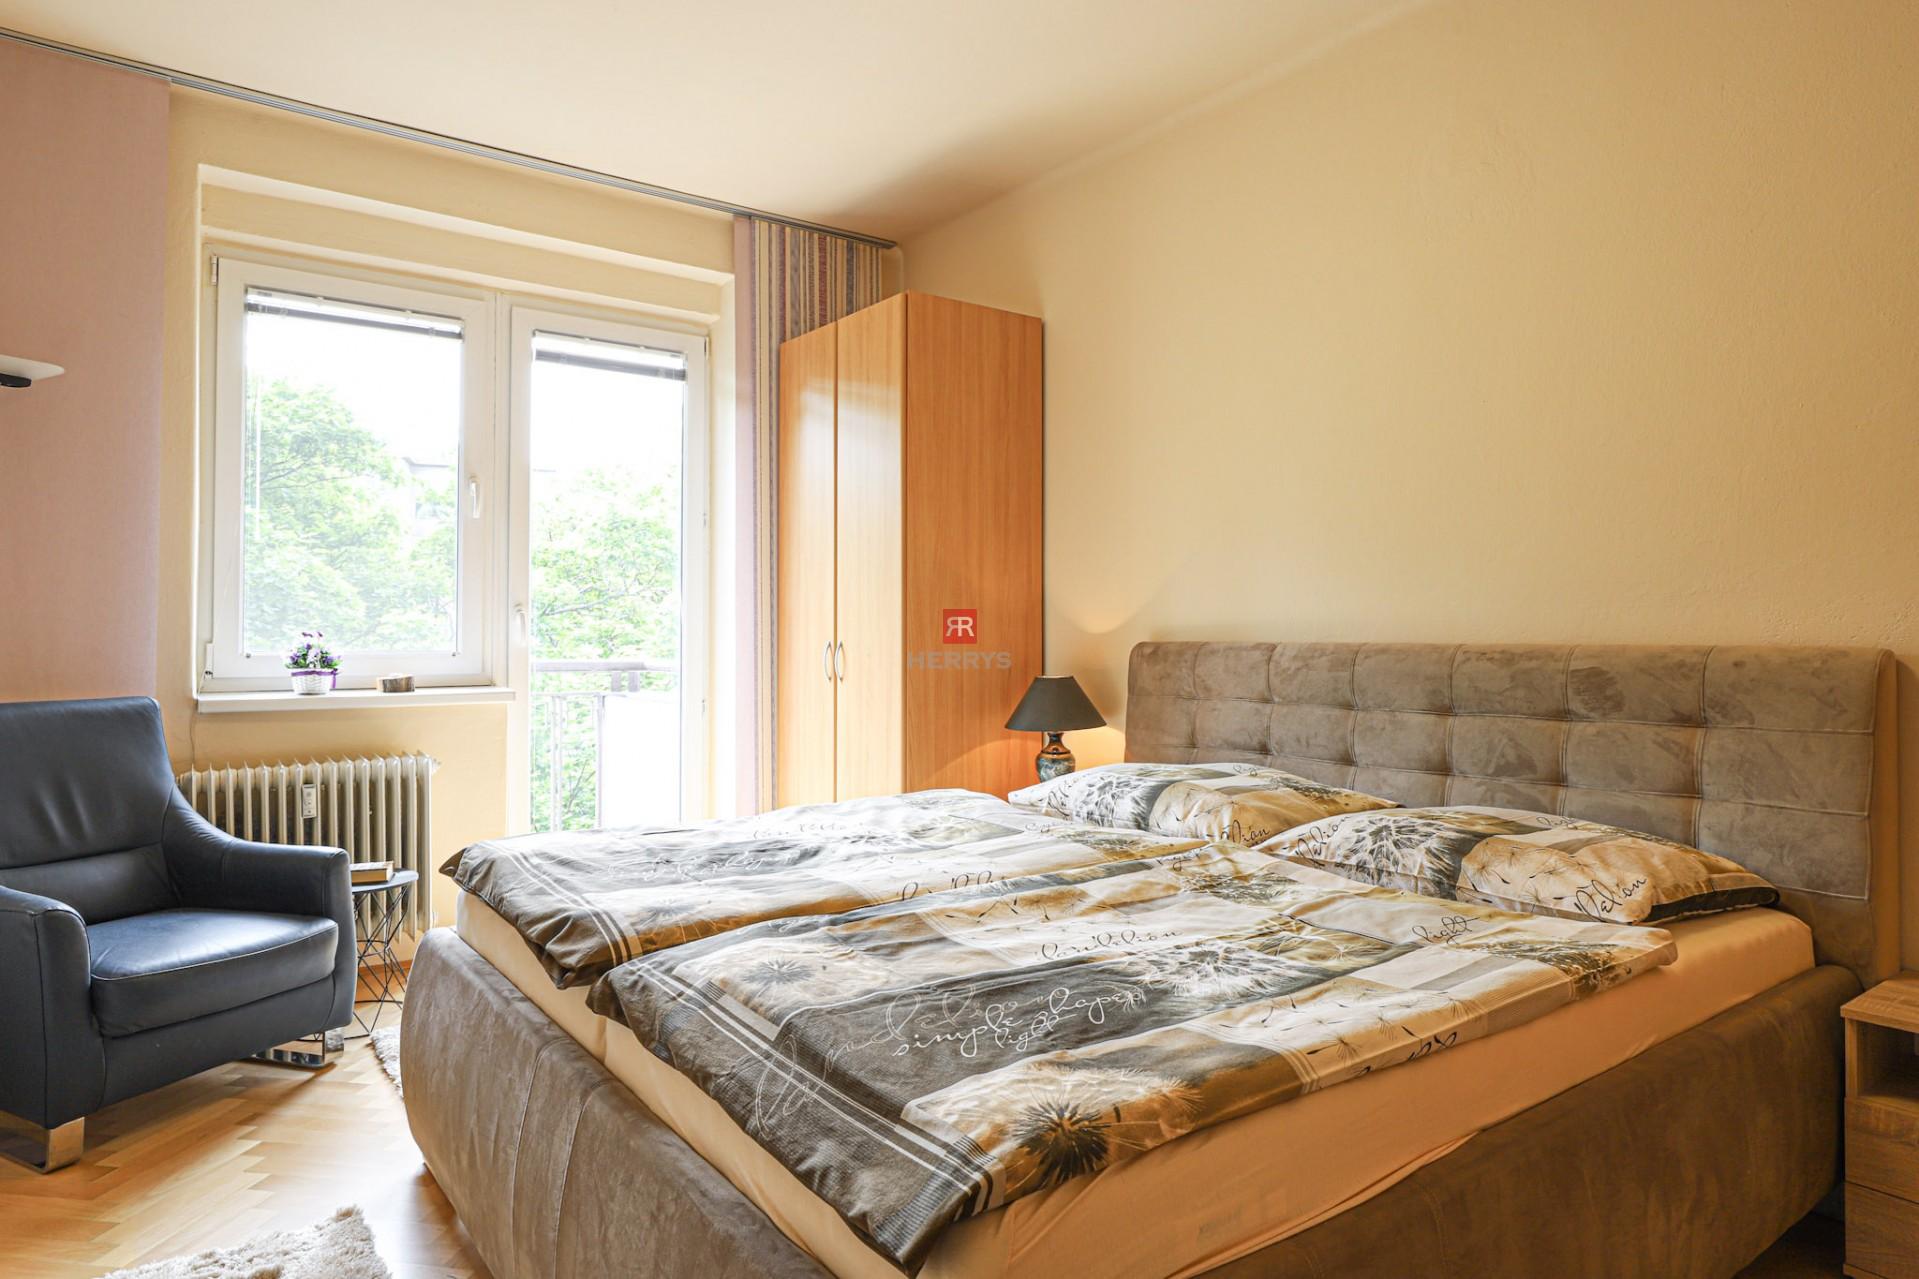 HERRYS - Na prenájom veľký 2 izbový byt v Starom Meste po rekonštrukcii